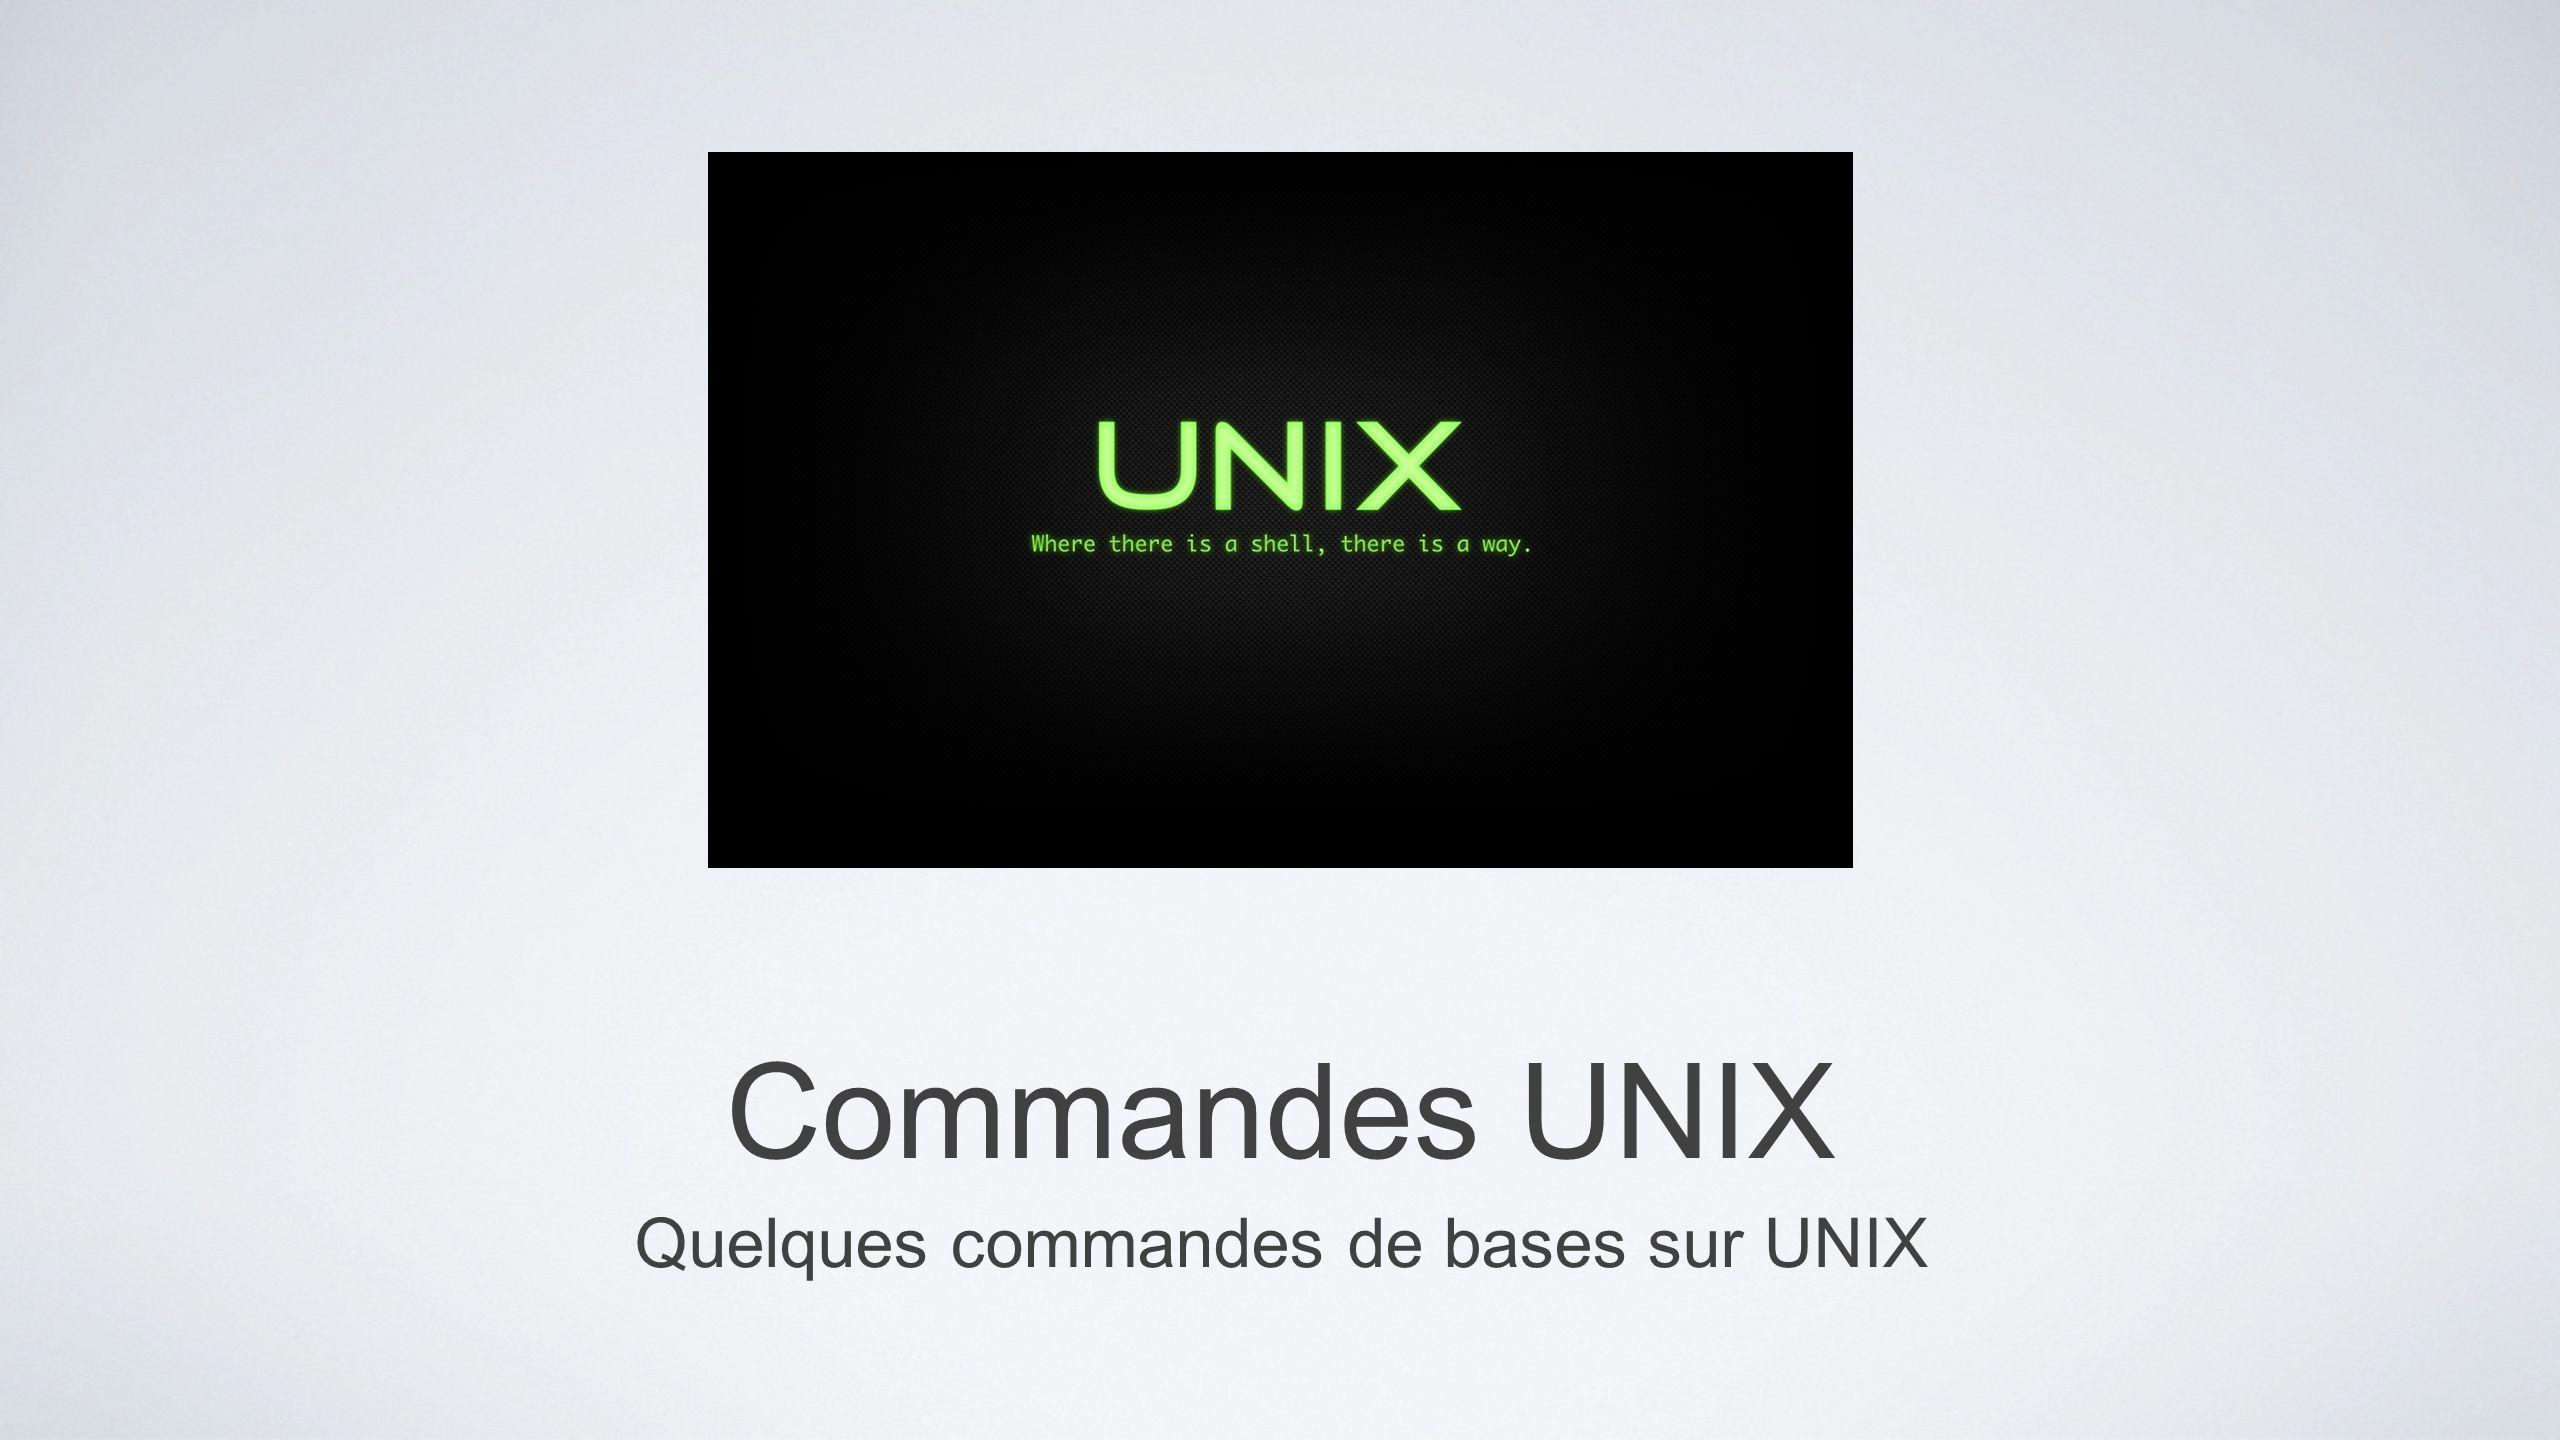 Commandes UNIX Quelques commandes de bases sur UNIX